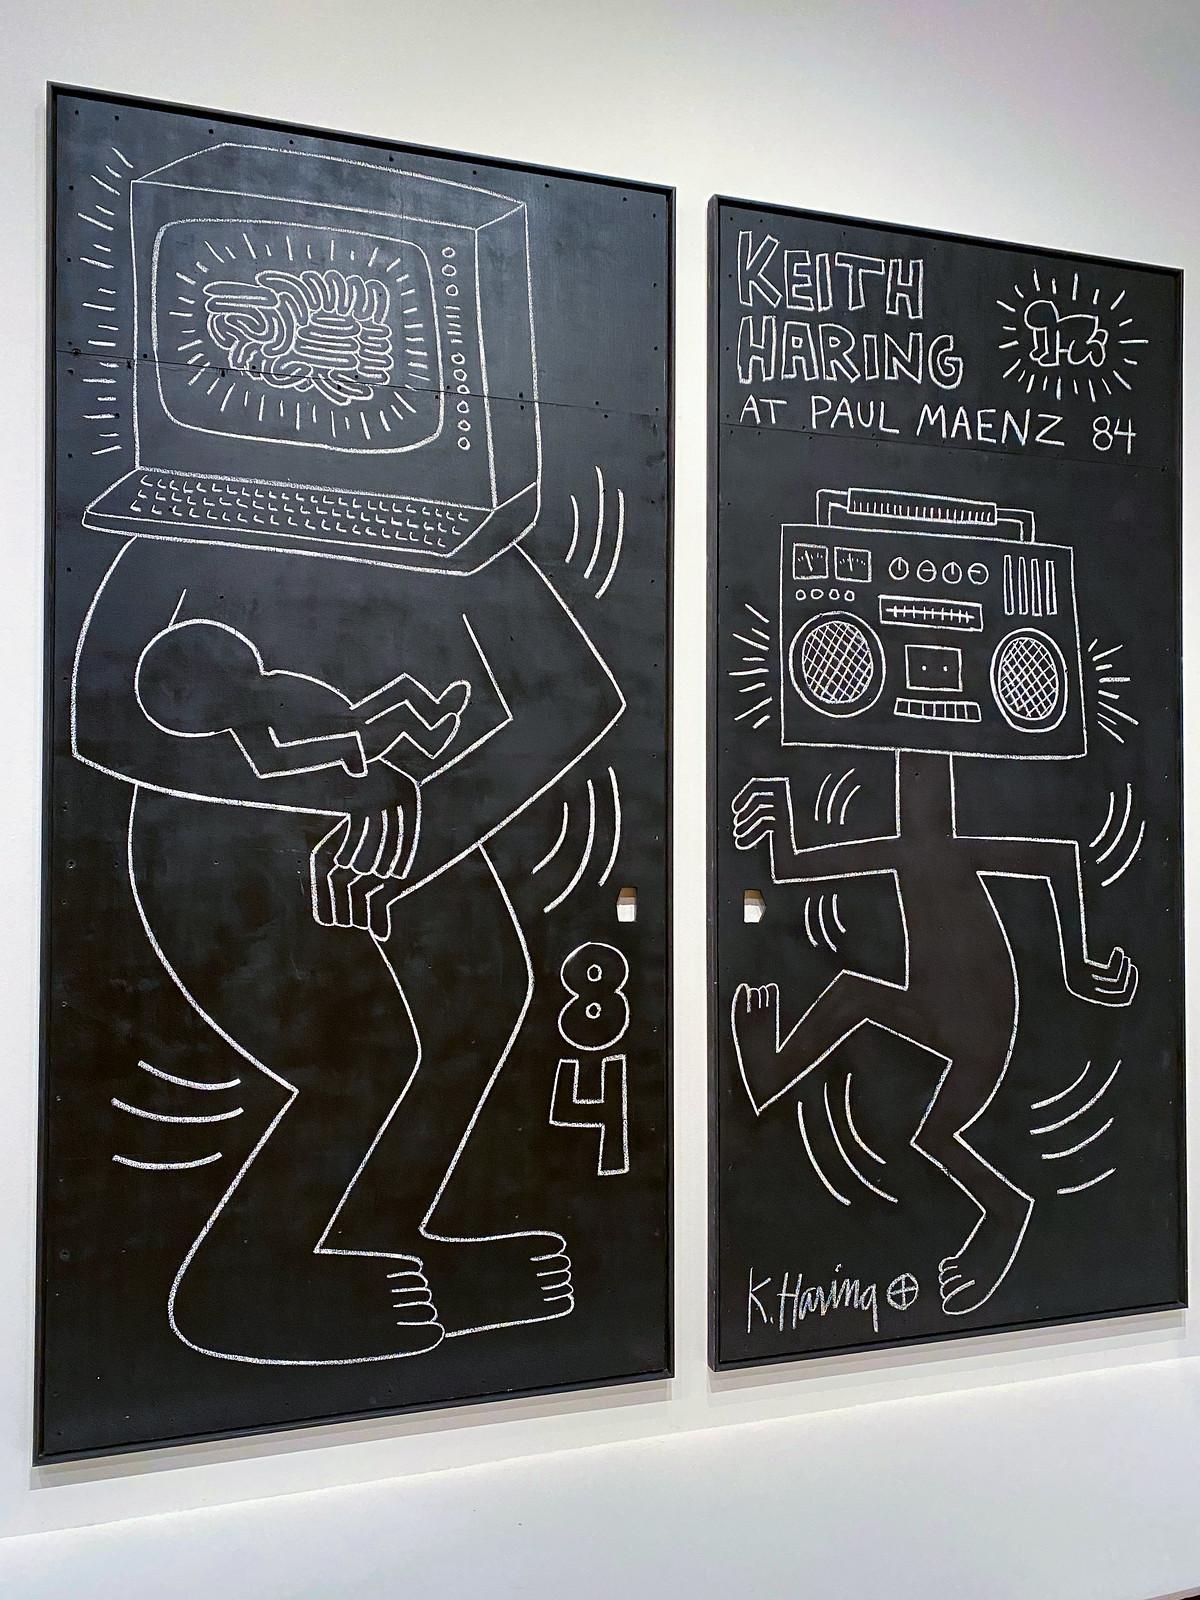 Keith Haring at Paul Maenz 1984